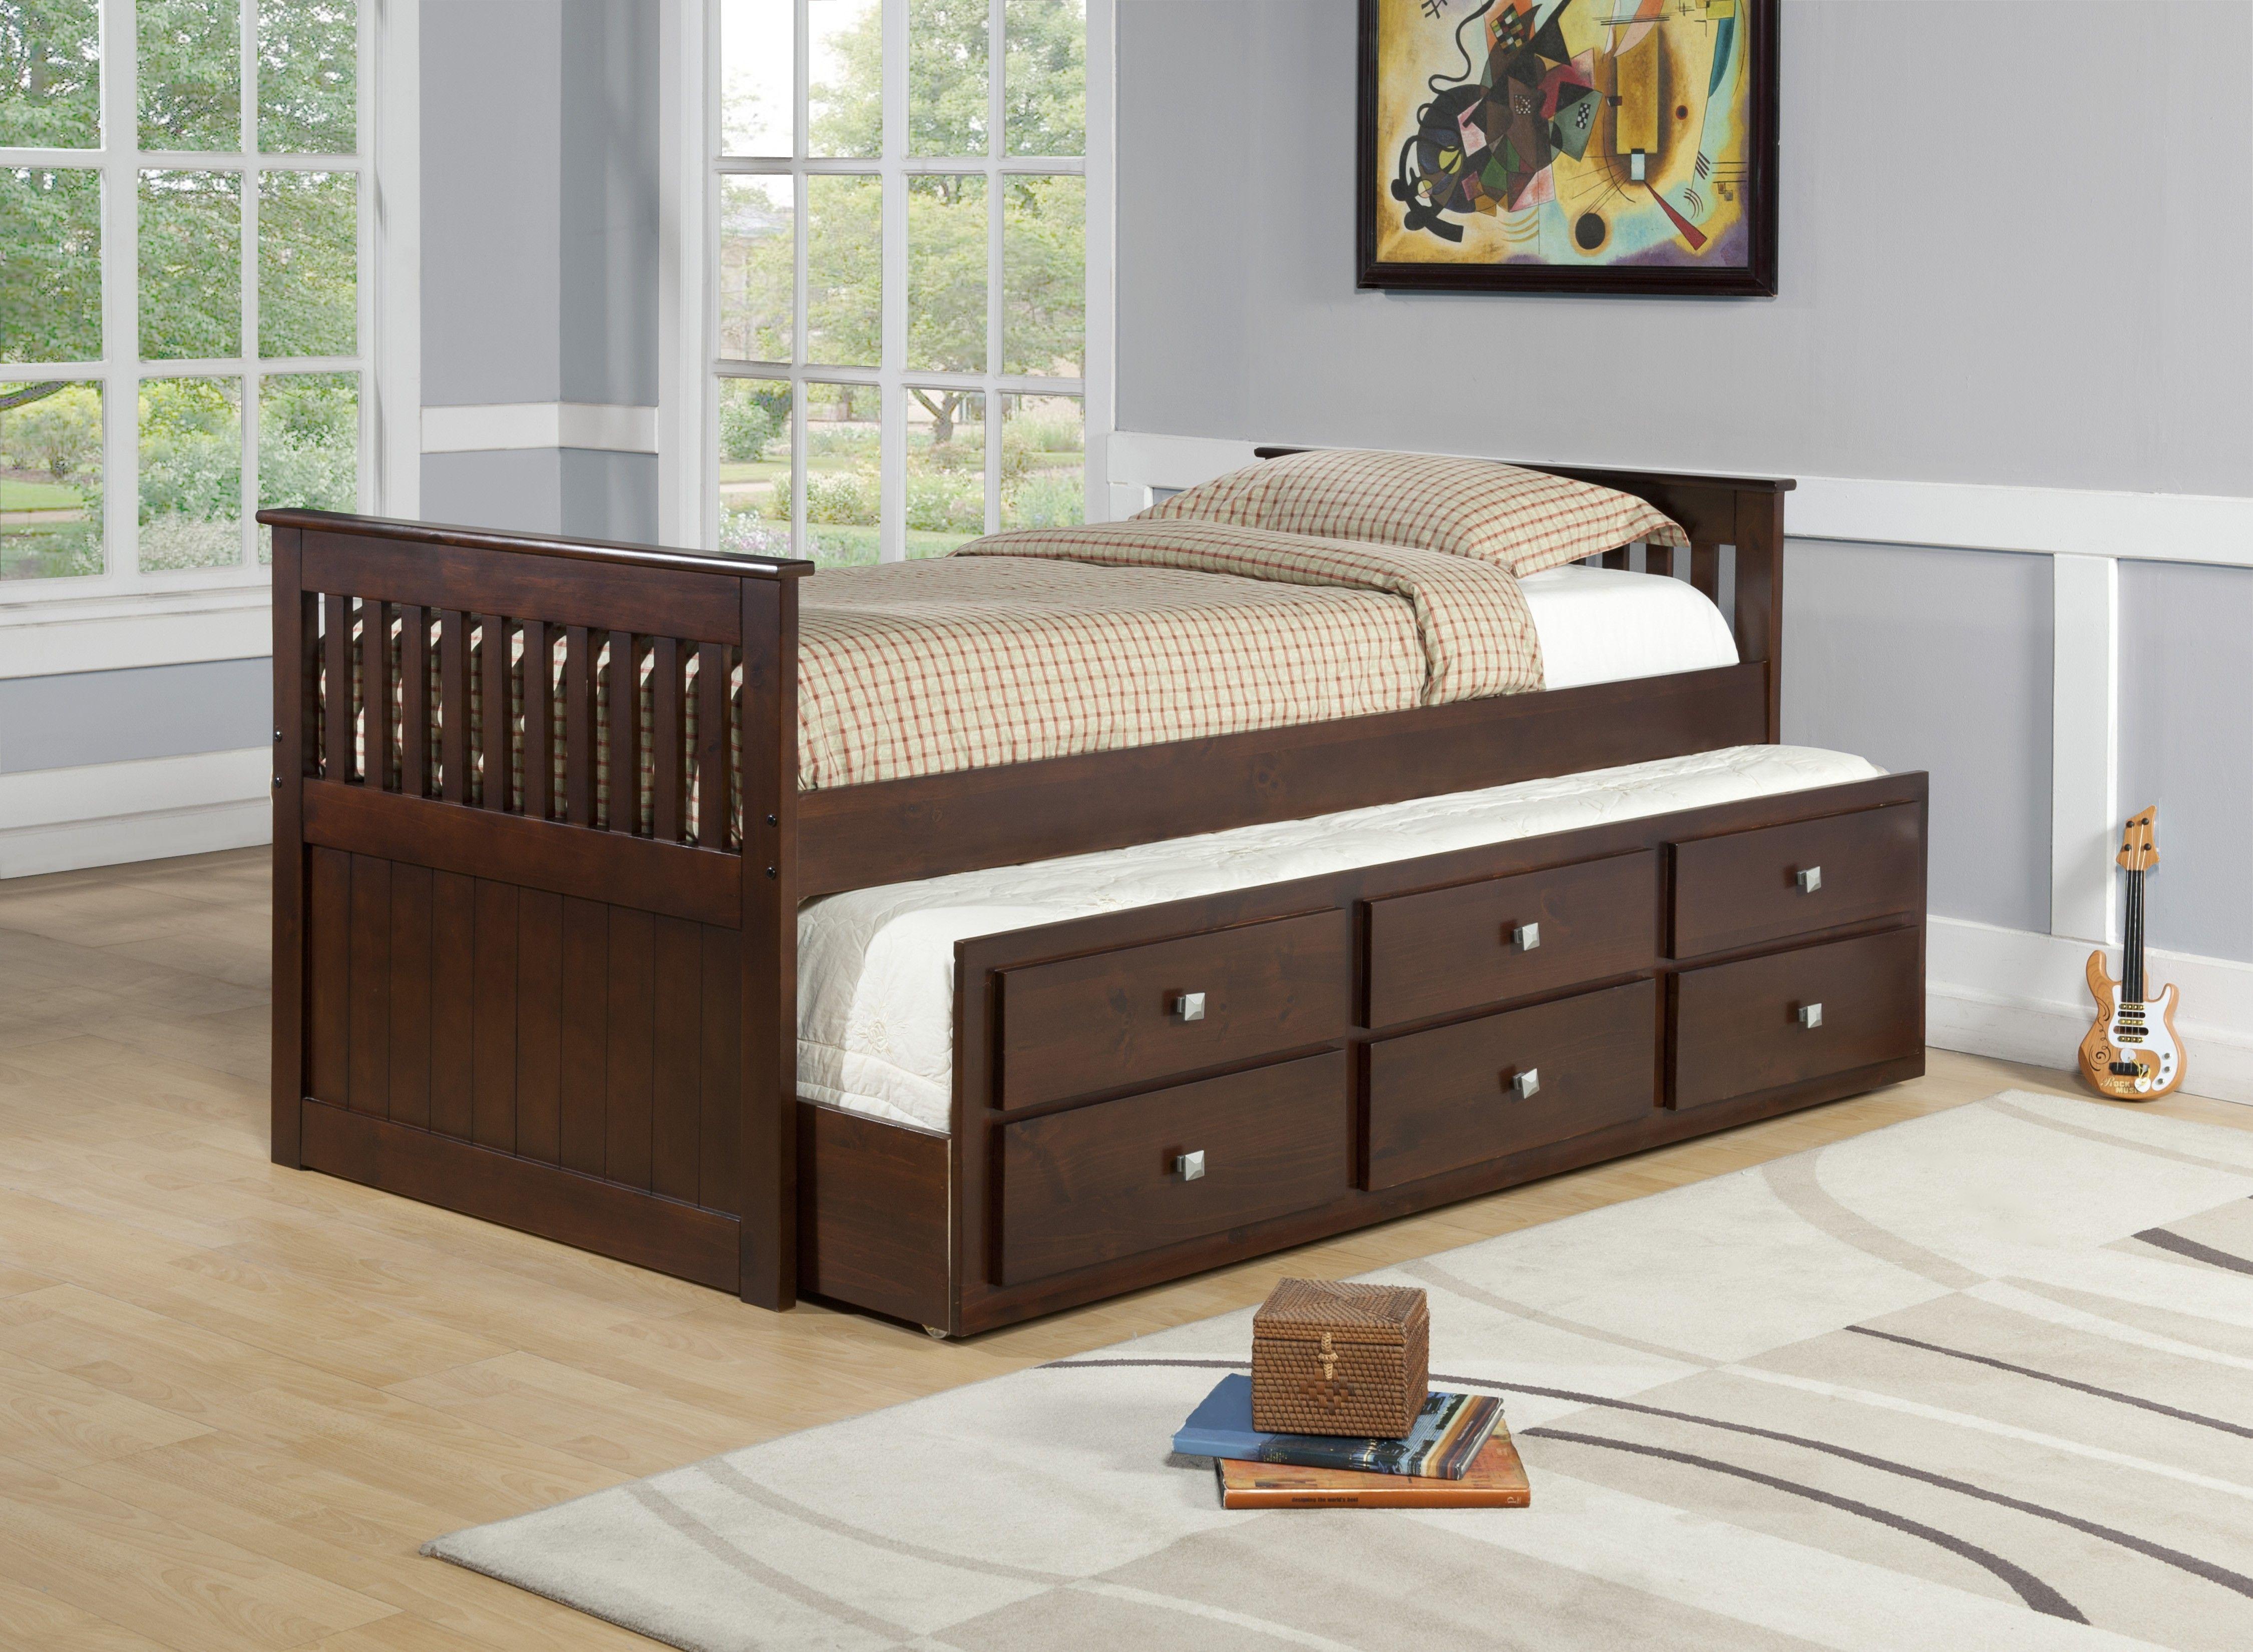 Kinder Tag Bett | Bett | Betten für kinder, Ausziehbares ...